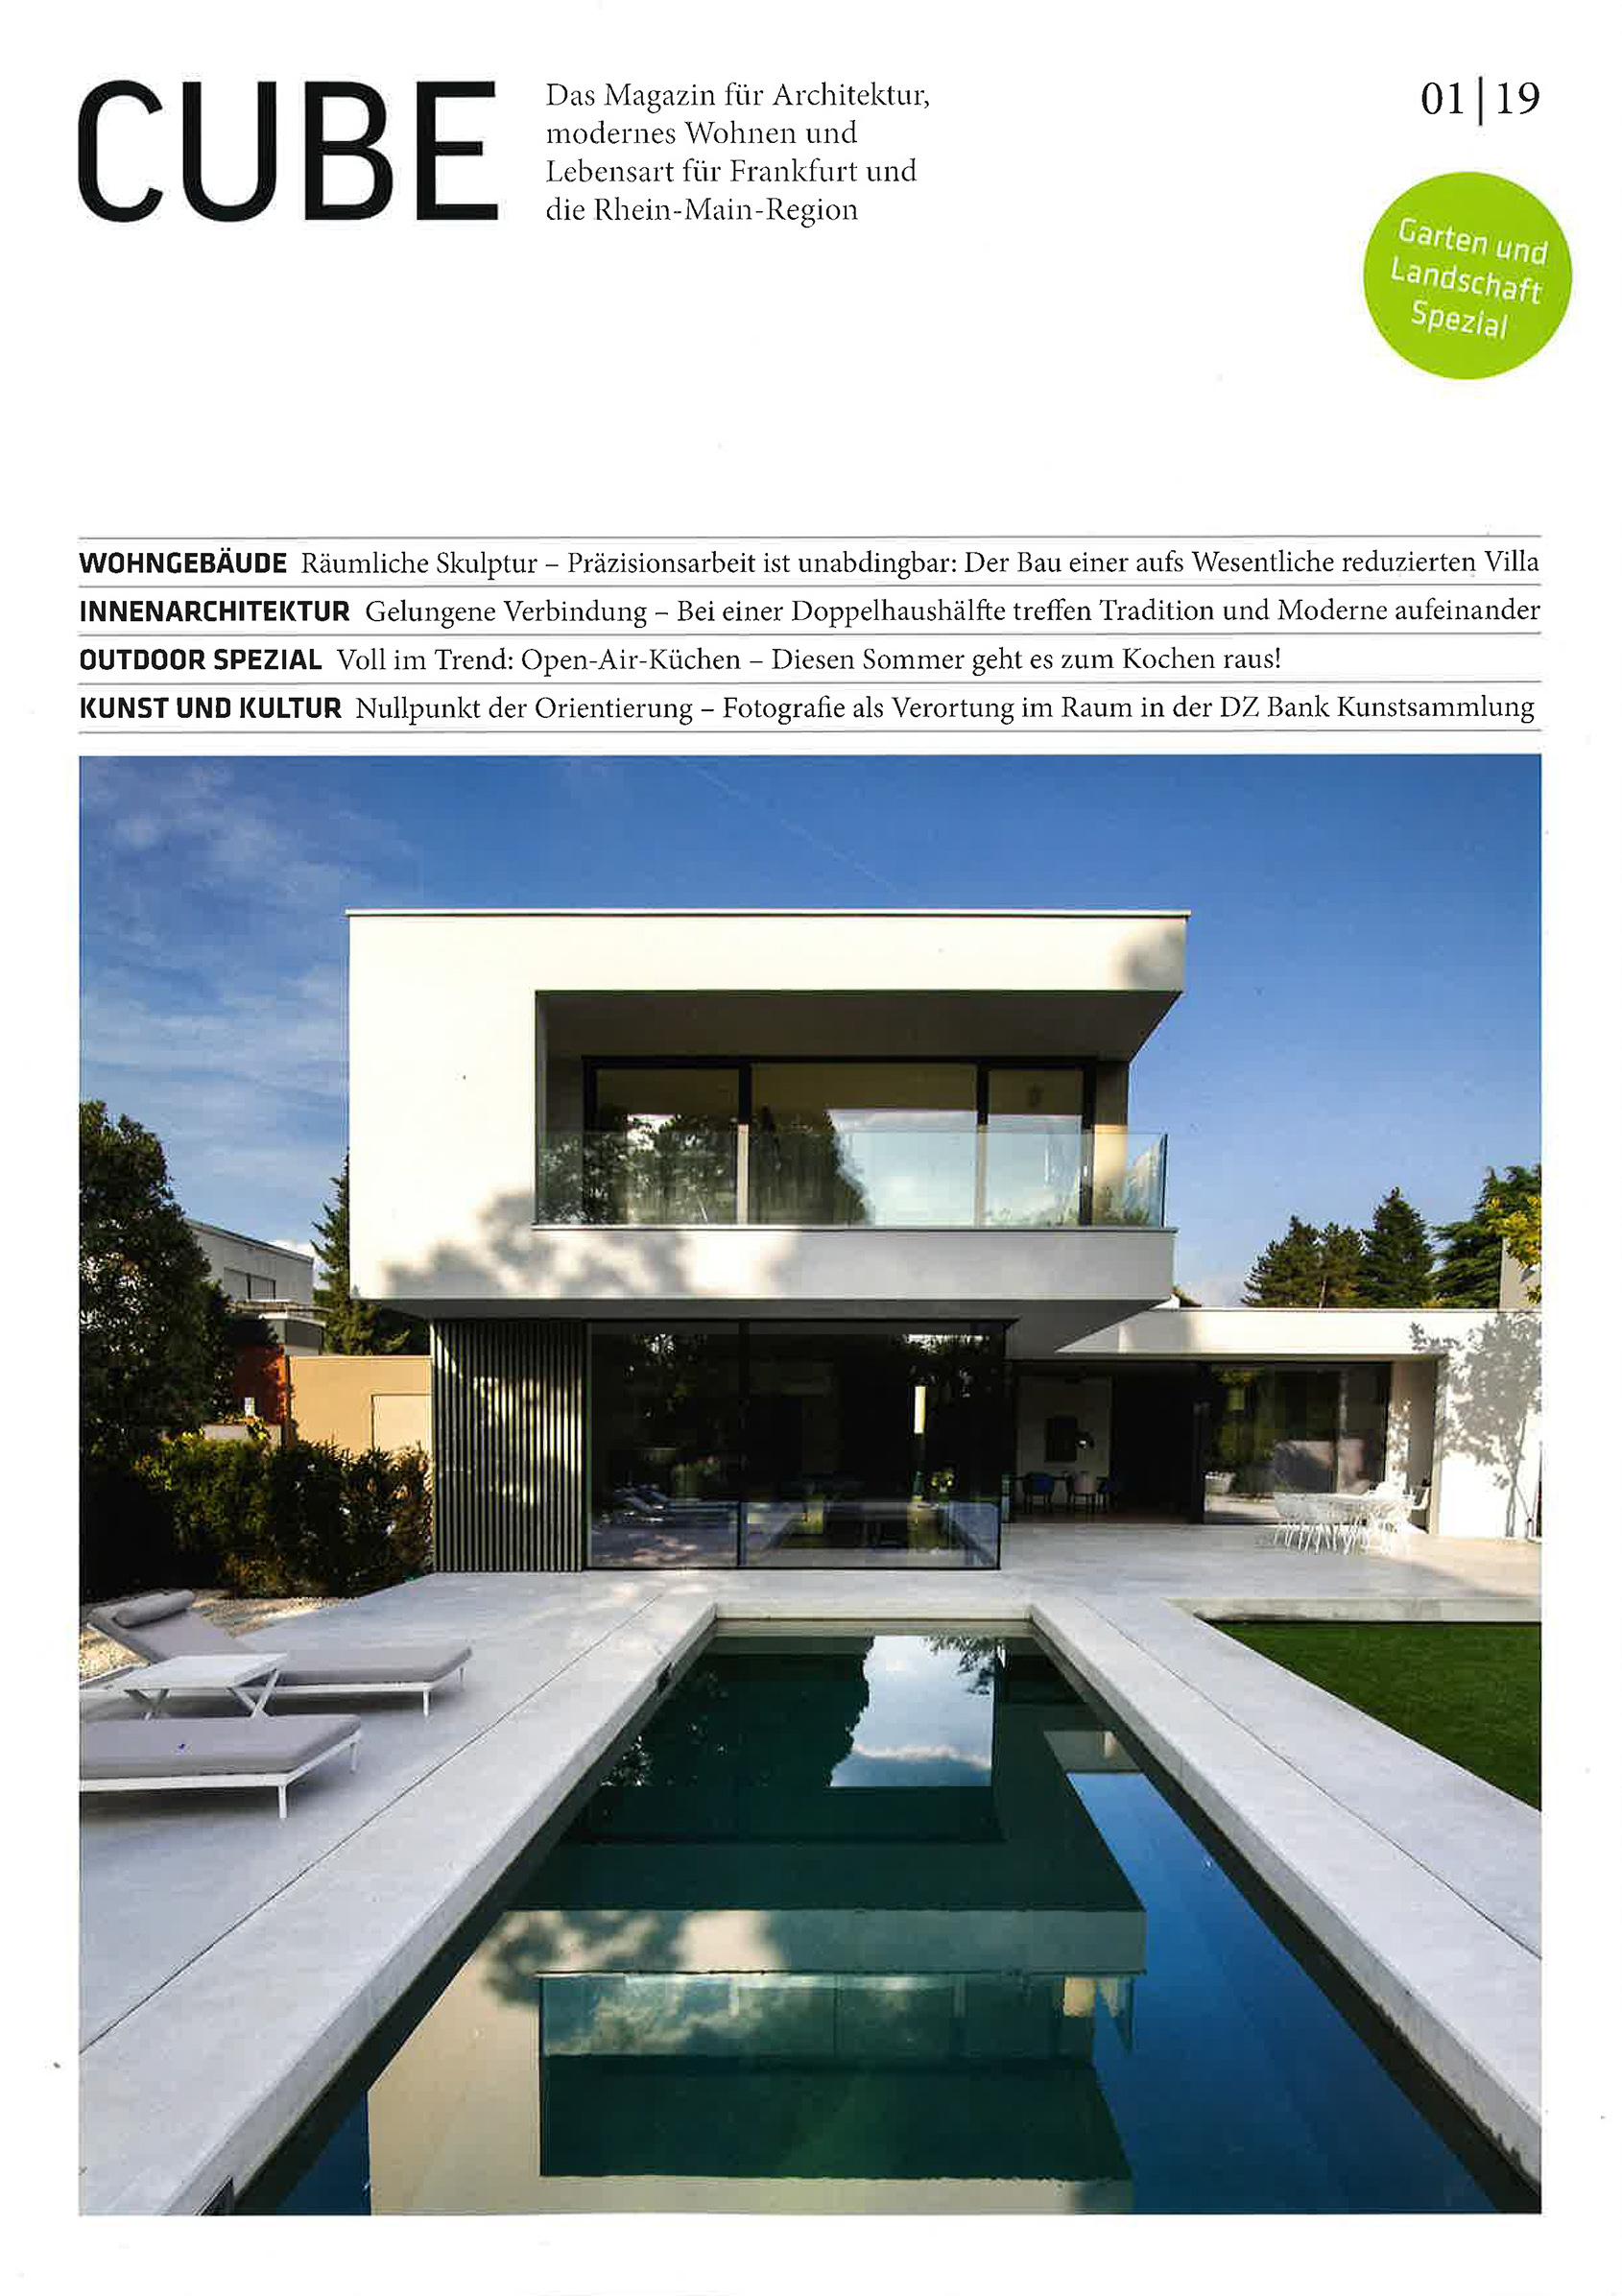 Bauwelt 01/19 Seite 83